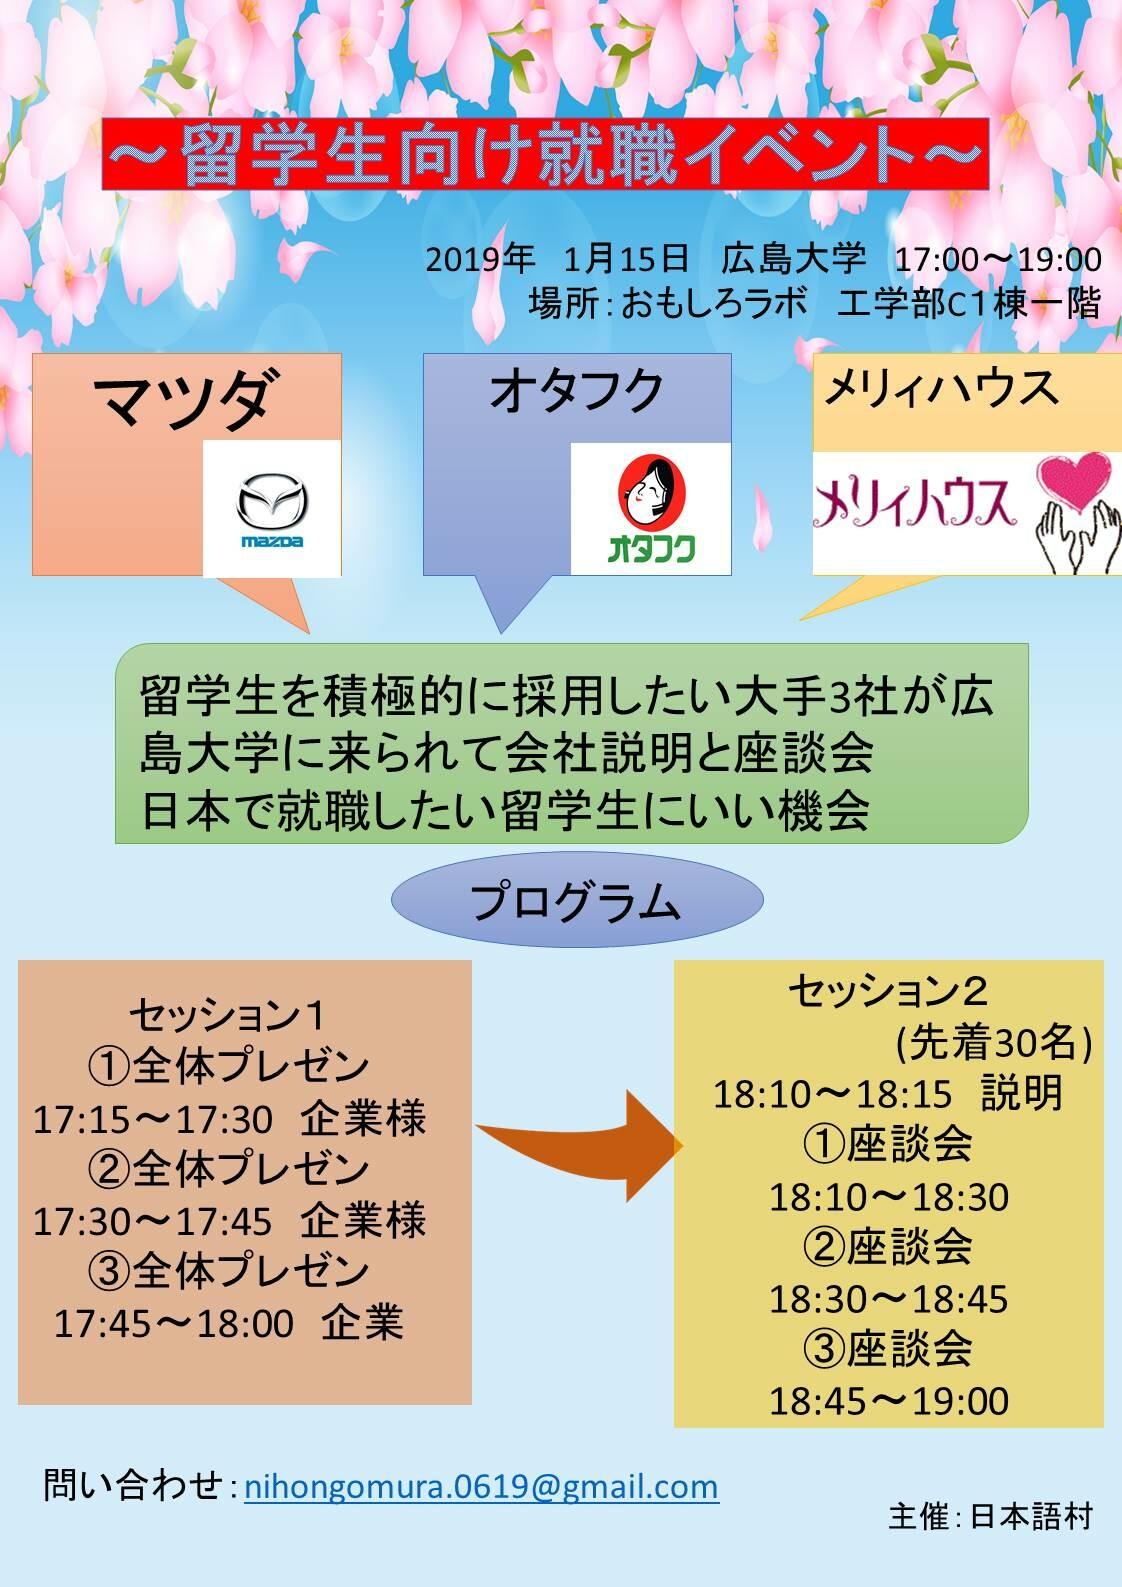 留学生向け就職イベントを広大で開催!【日本語村】